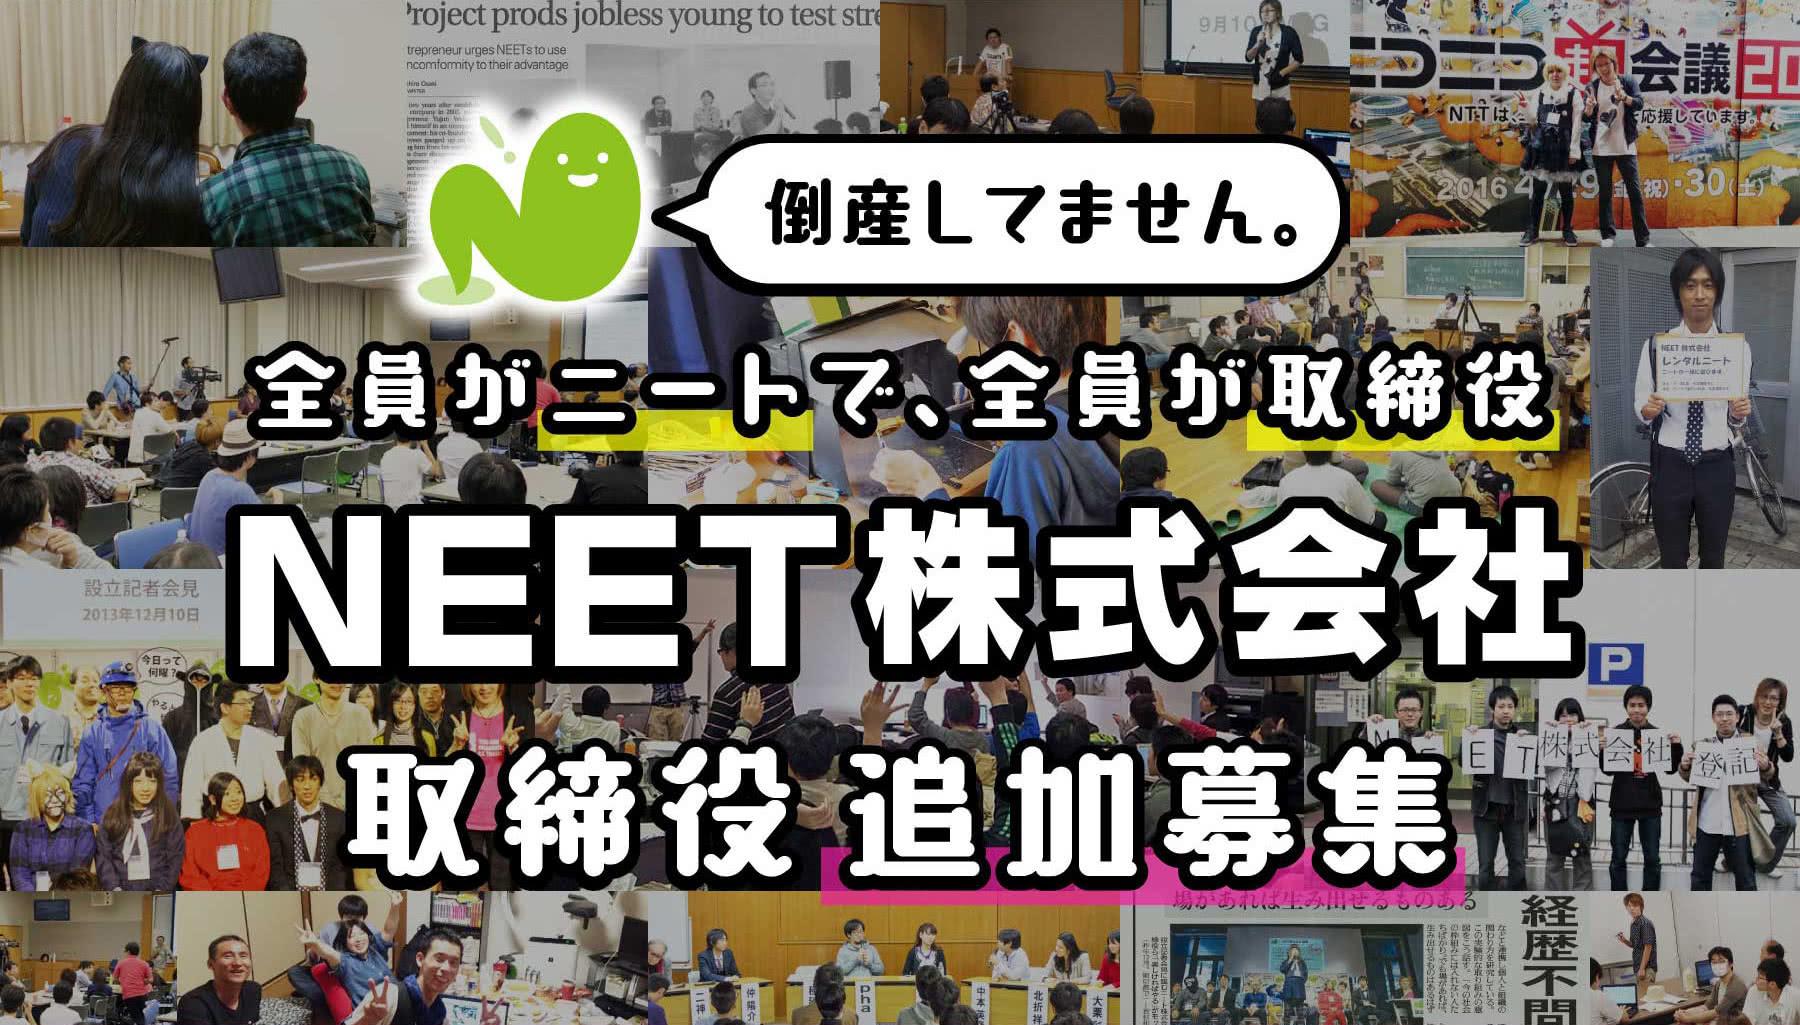 NEET株式会社募集